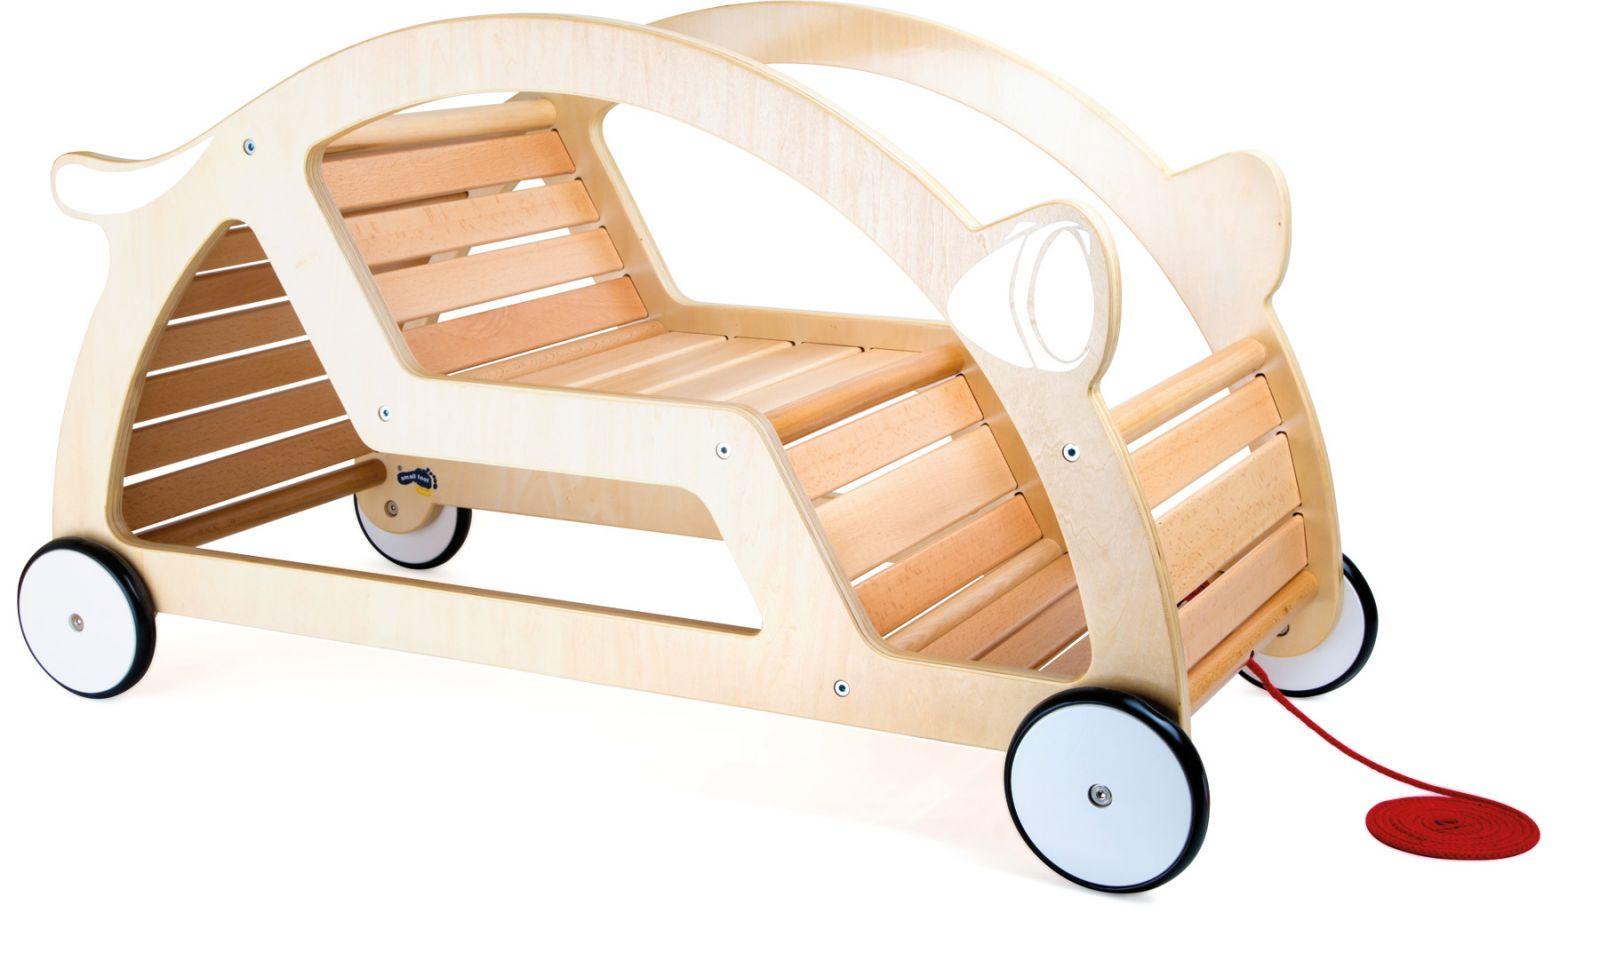 Dřevěné hračky Small Foot Dřevěné tahací a houpací auto 2v1 sestavené Small foot by Legler